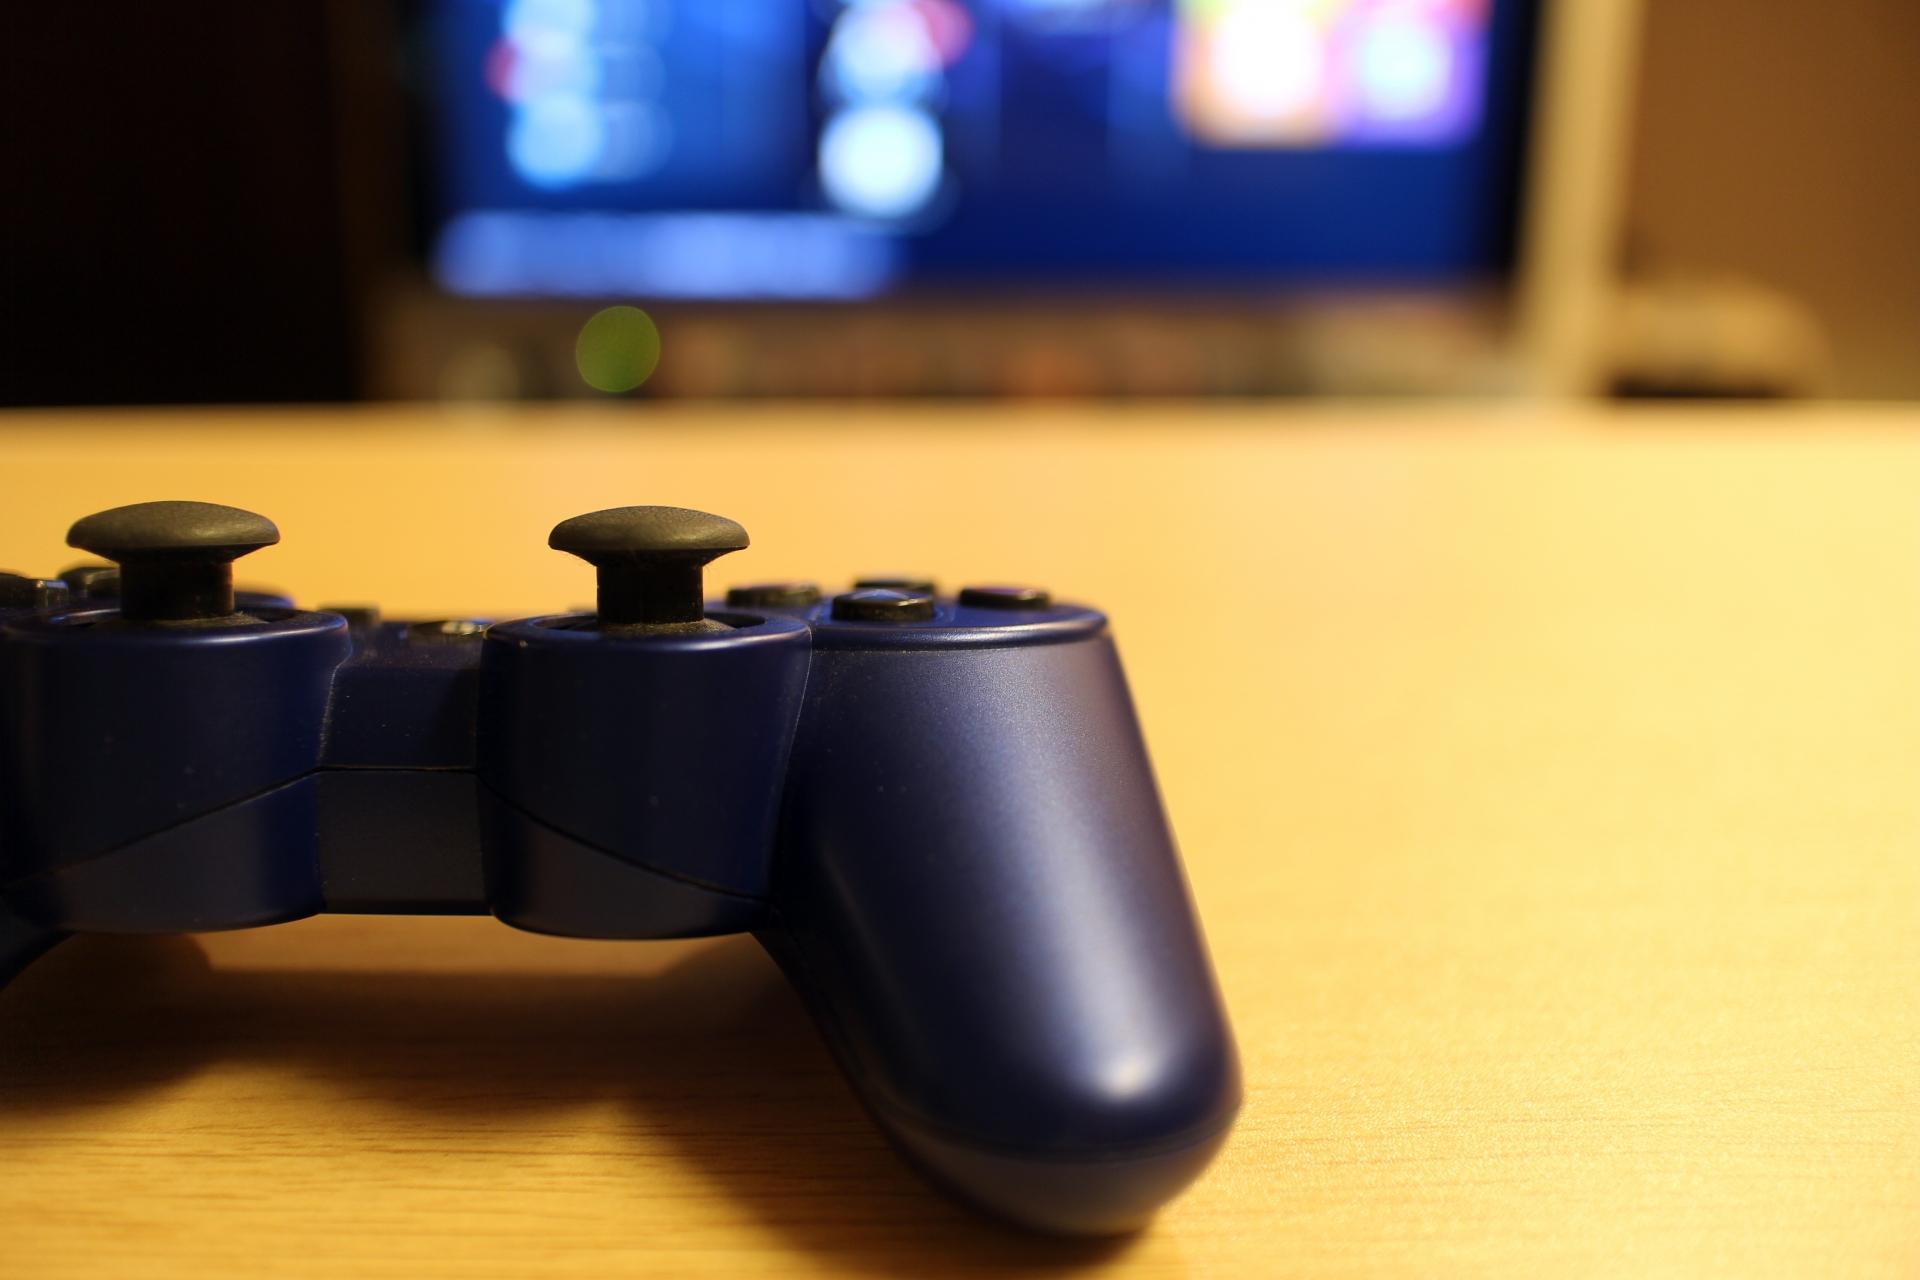 株式会社ストリームが新会社を設立し、中国製ゲームを日本で展開